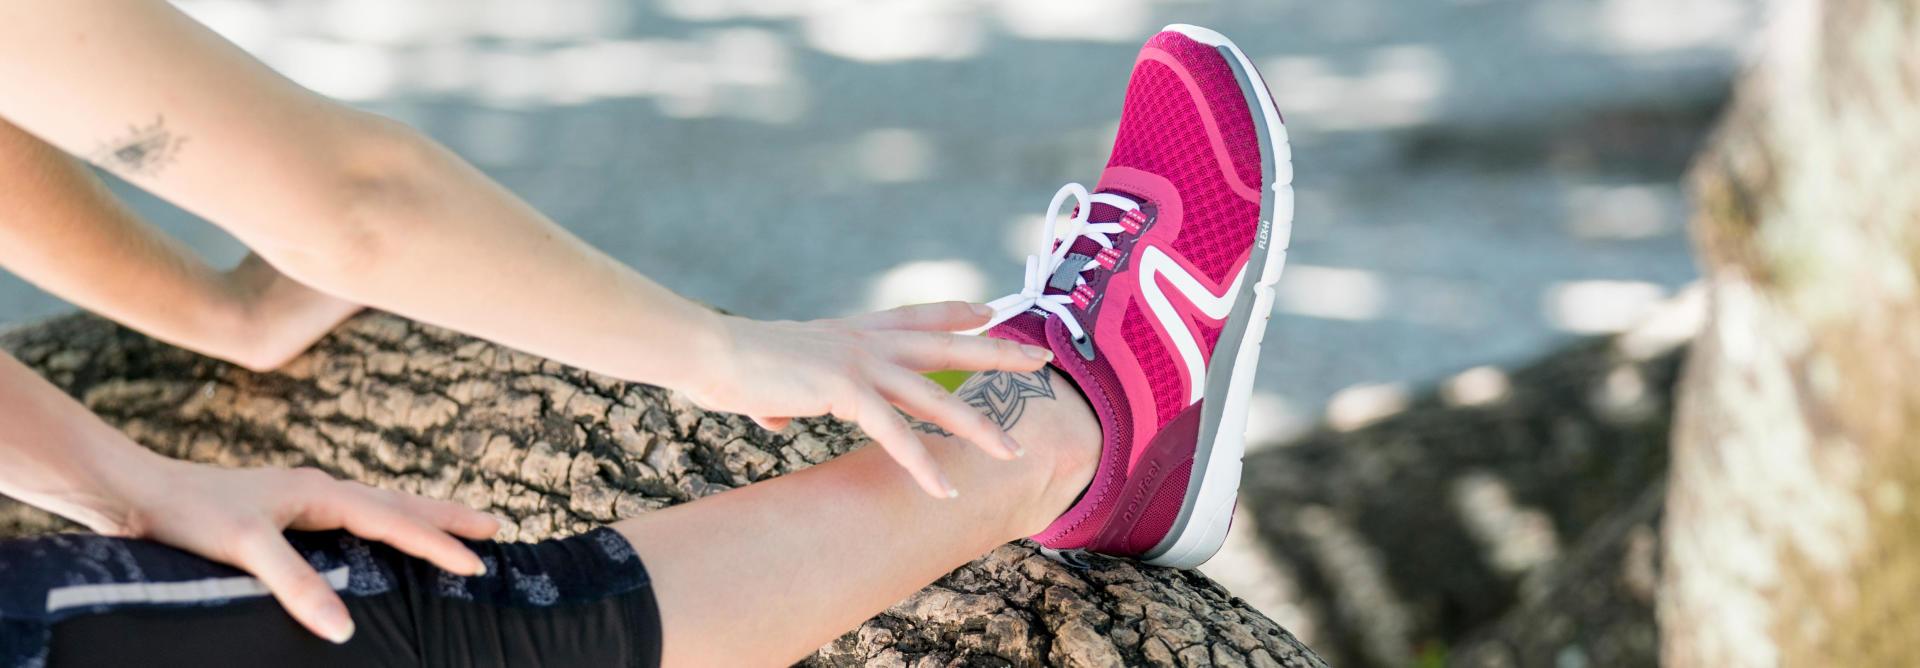 etirement-mollet-chevilles-marche-rapide-sport-santé